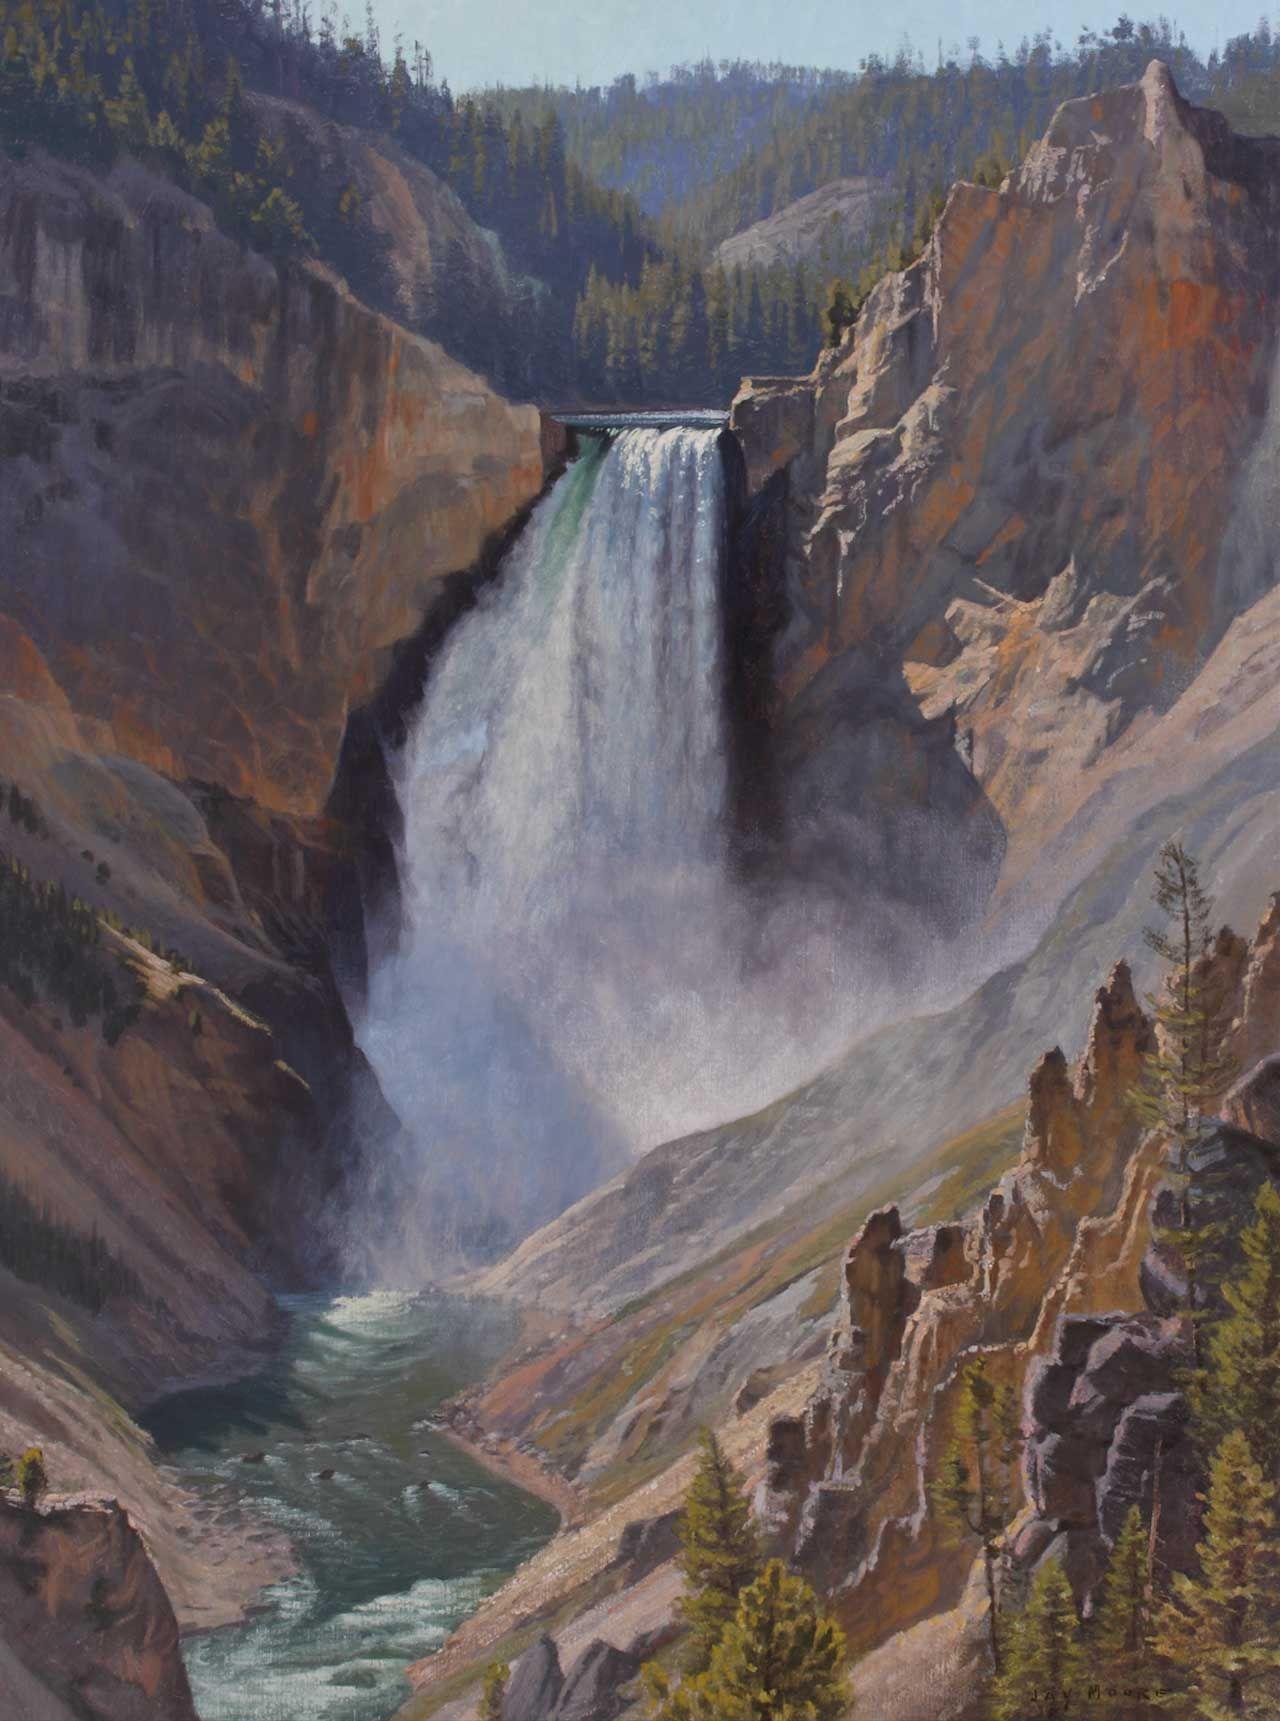 Yellowstone Falls Yellowstone National Park Landscape